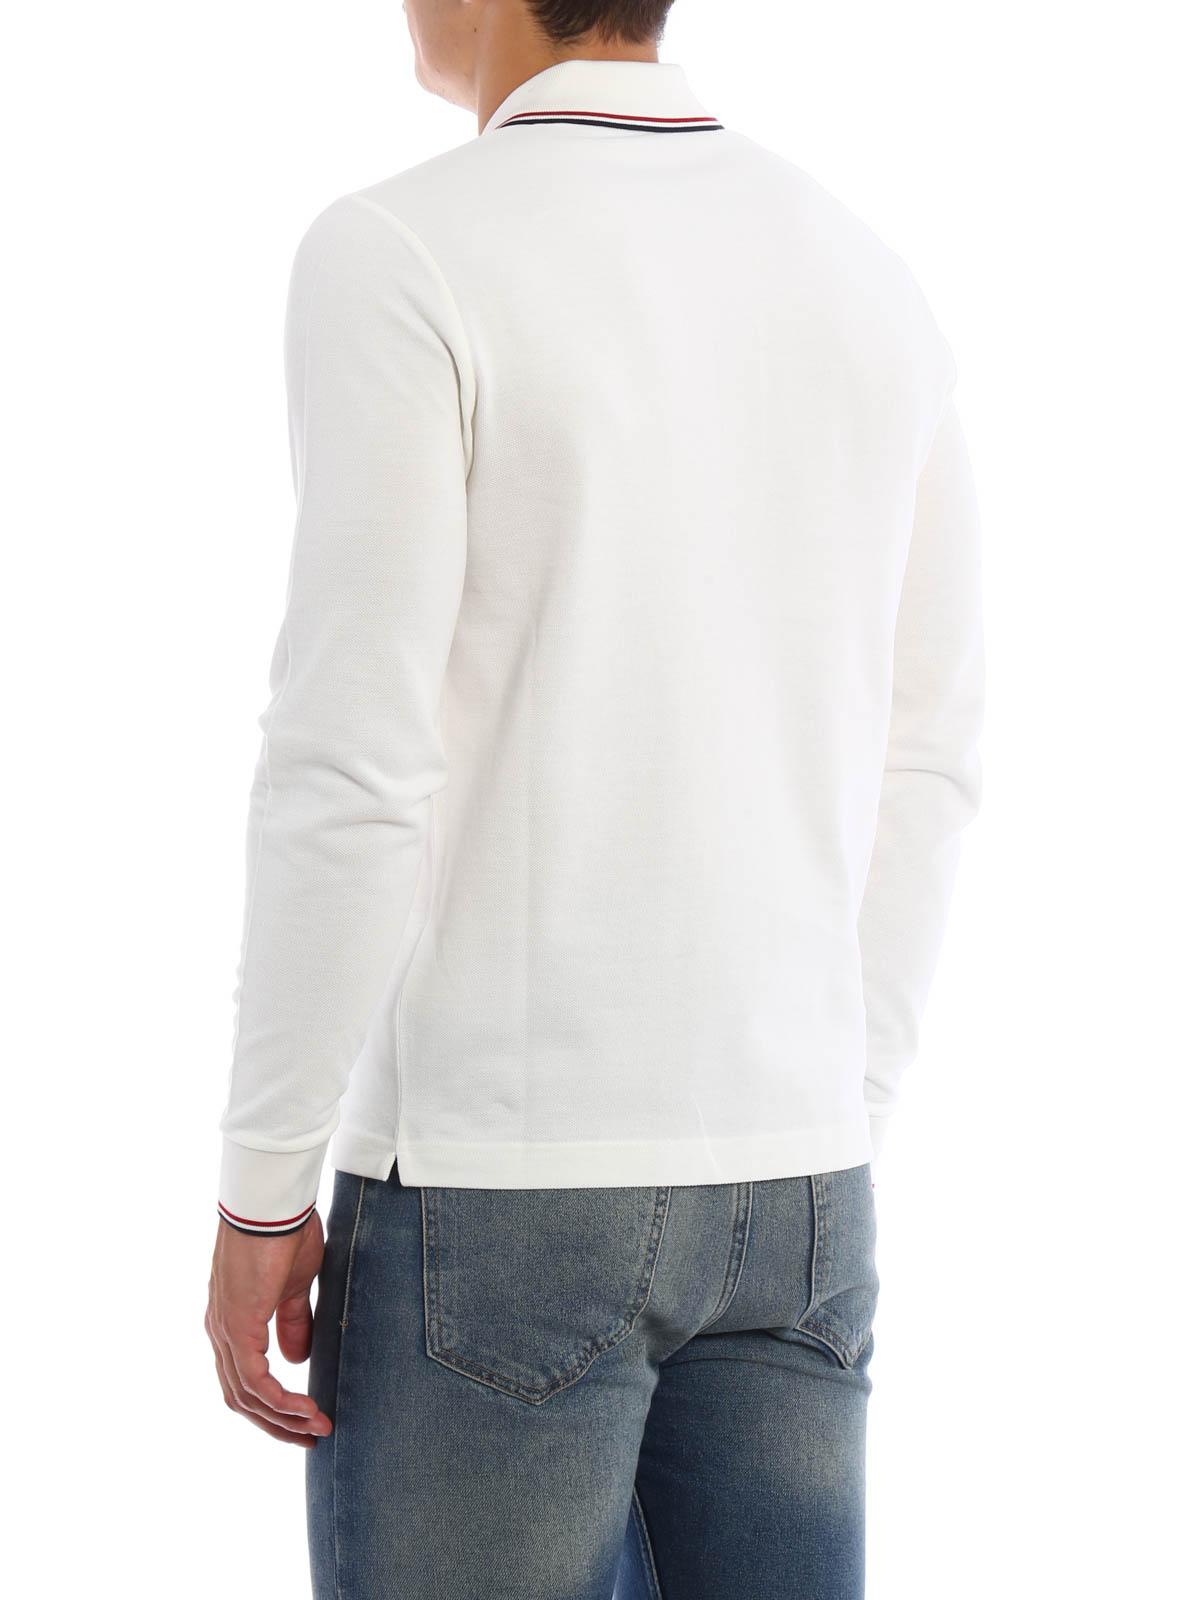 huge discount 3ec18 50bed Moncler - Poloshirt Fur Herren - Weiß - Poloshirts - B2 091 ...